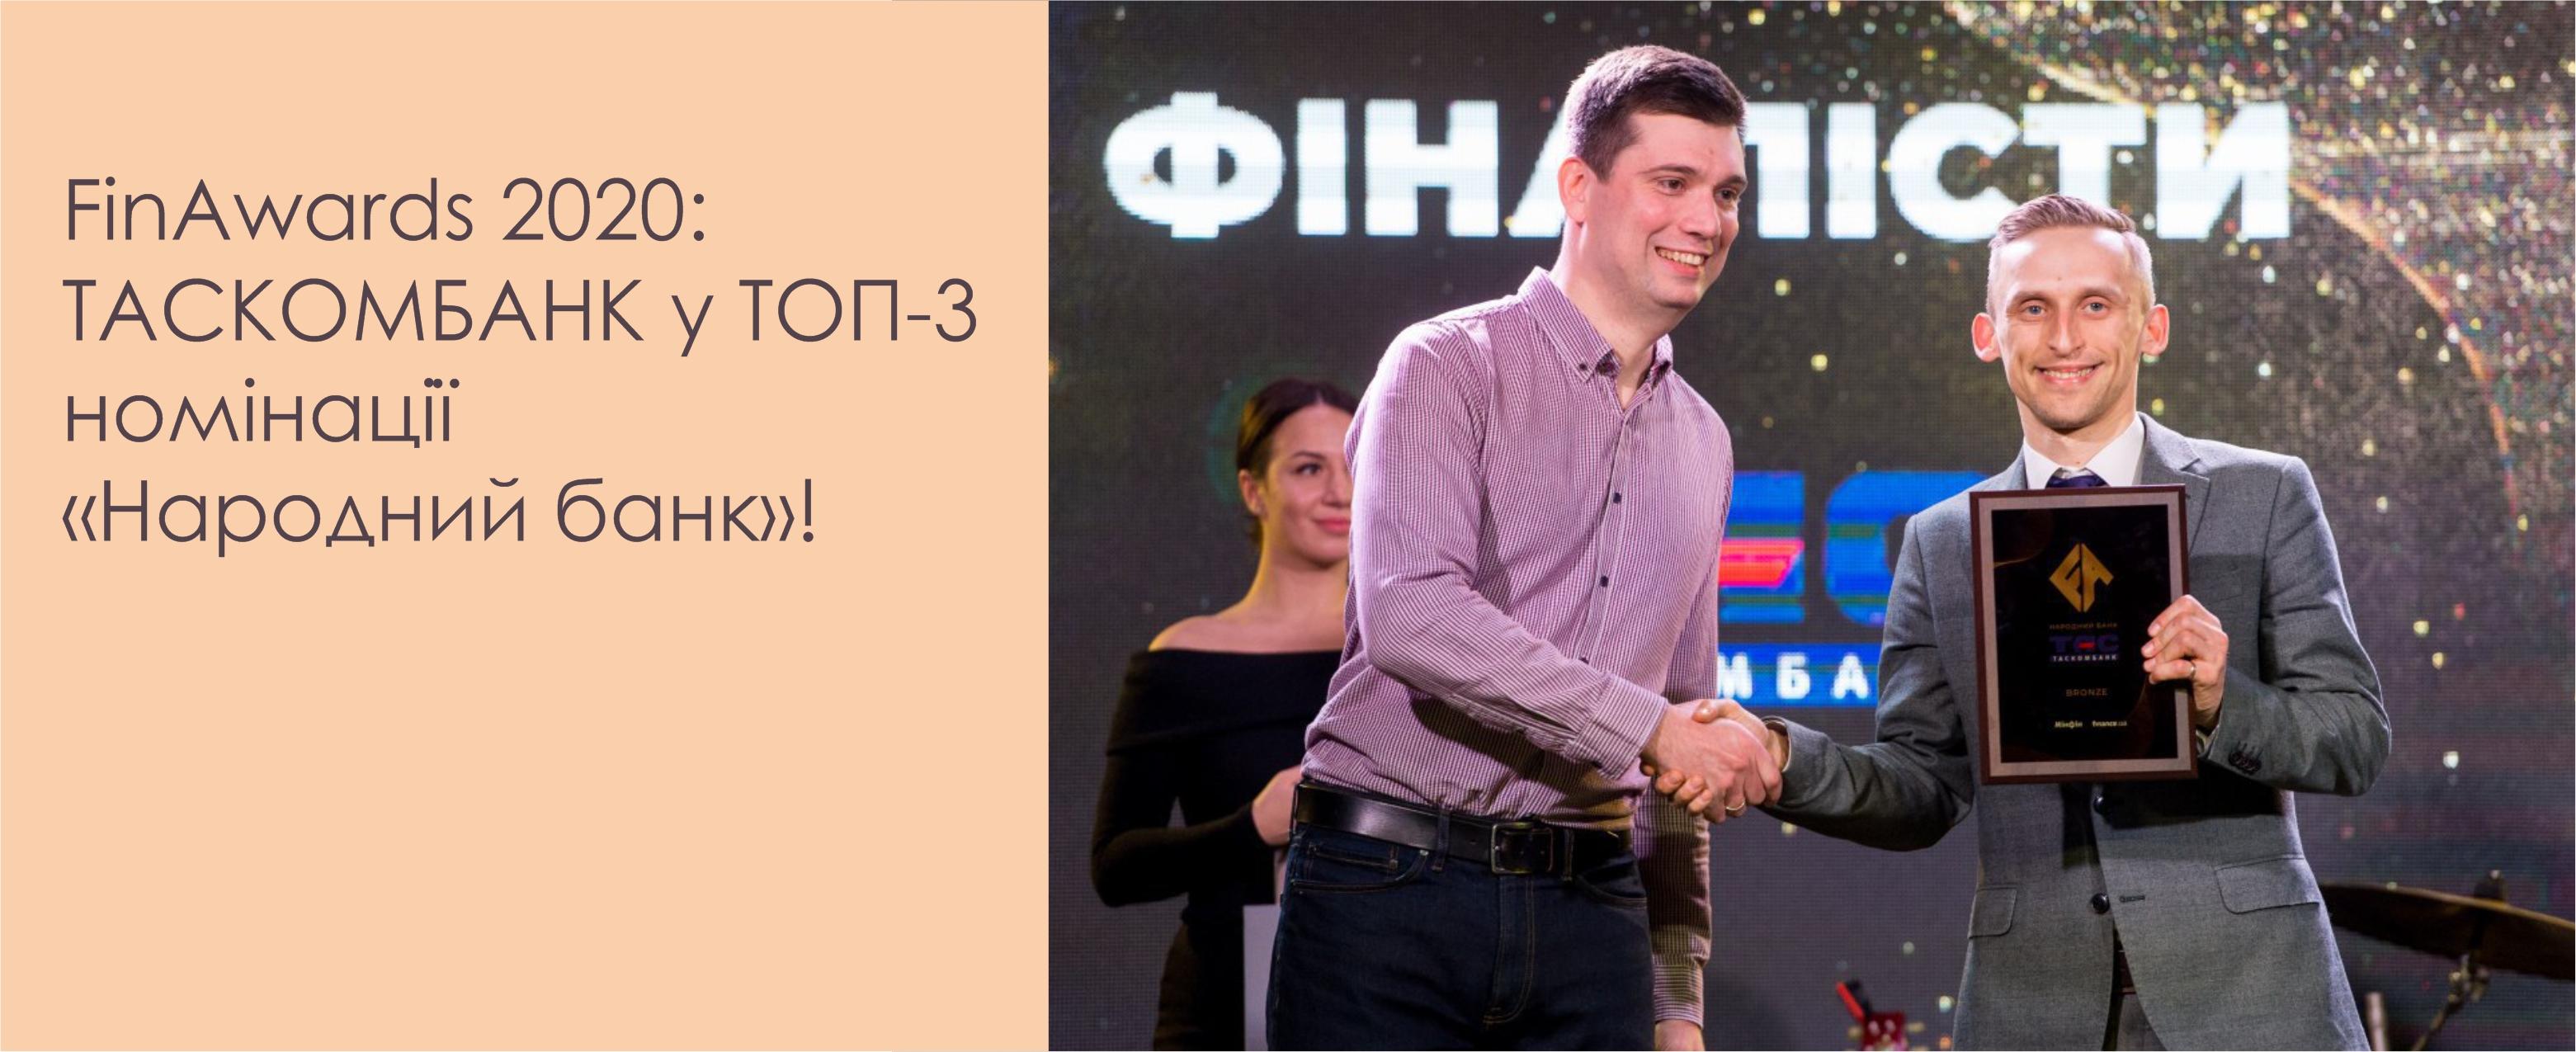 FinAwards 2020: ТАСКОМБАНК отримав бронзу в номінації «Народний банк»!